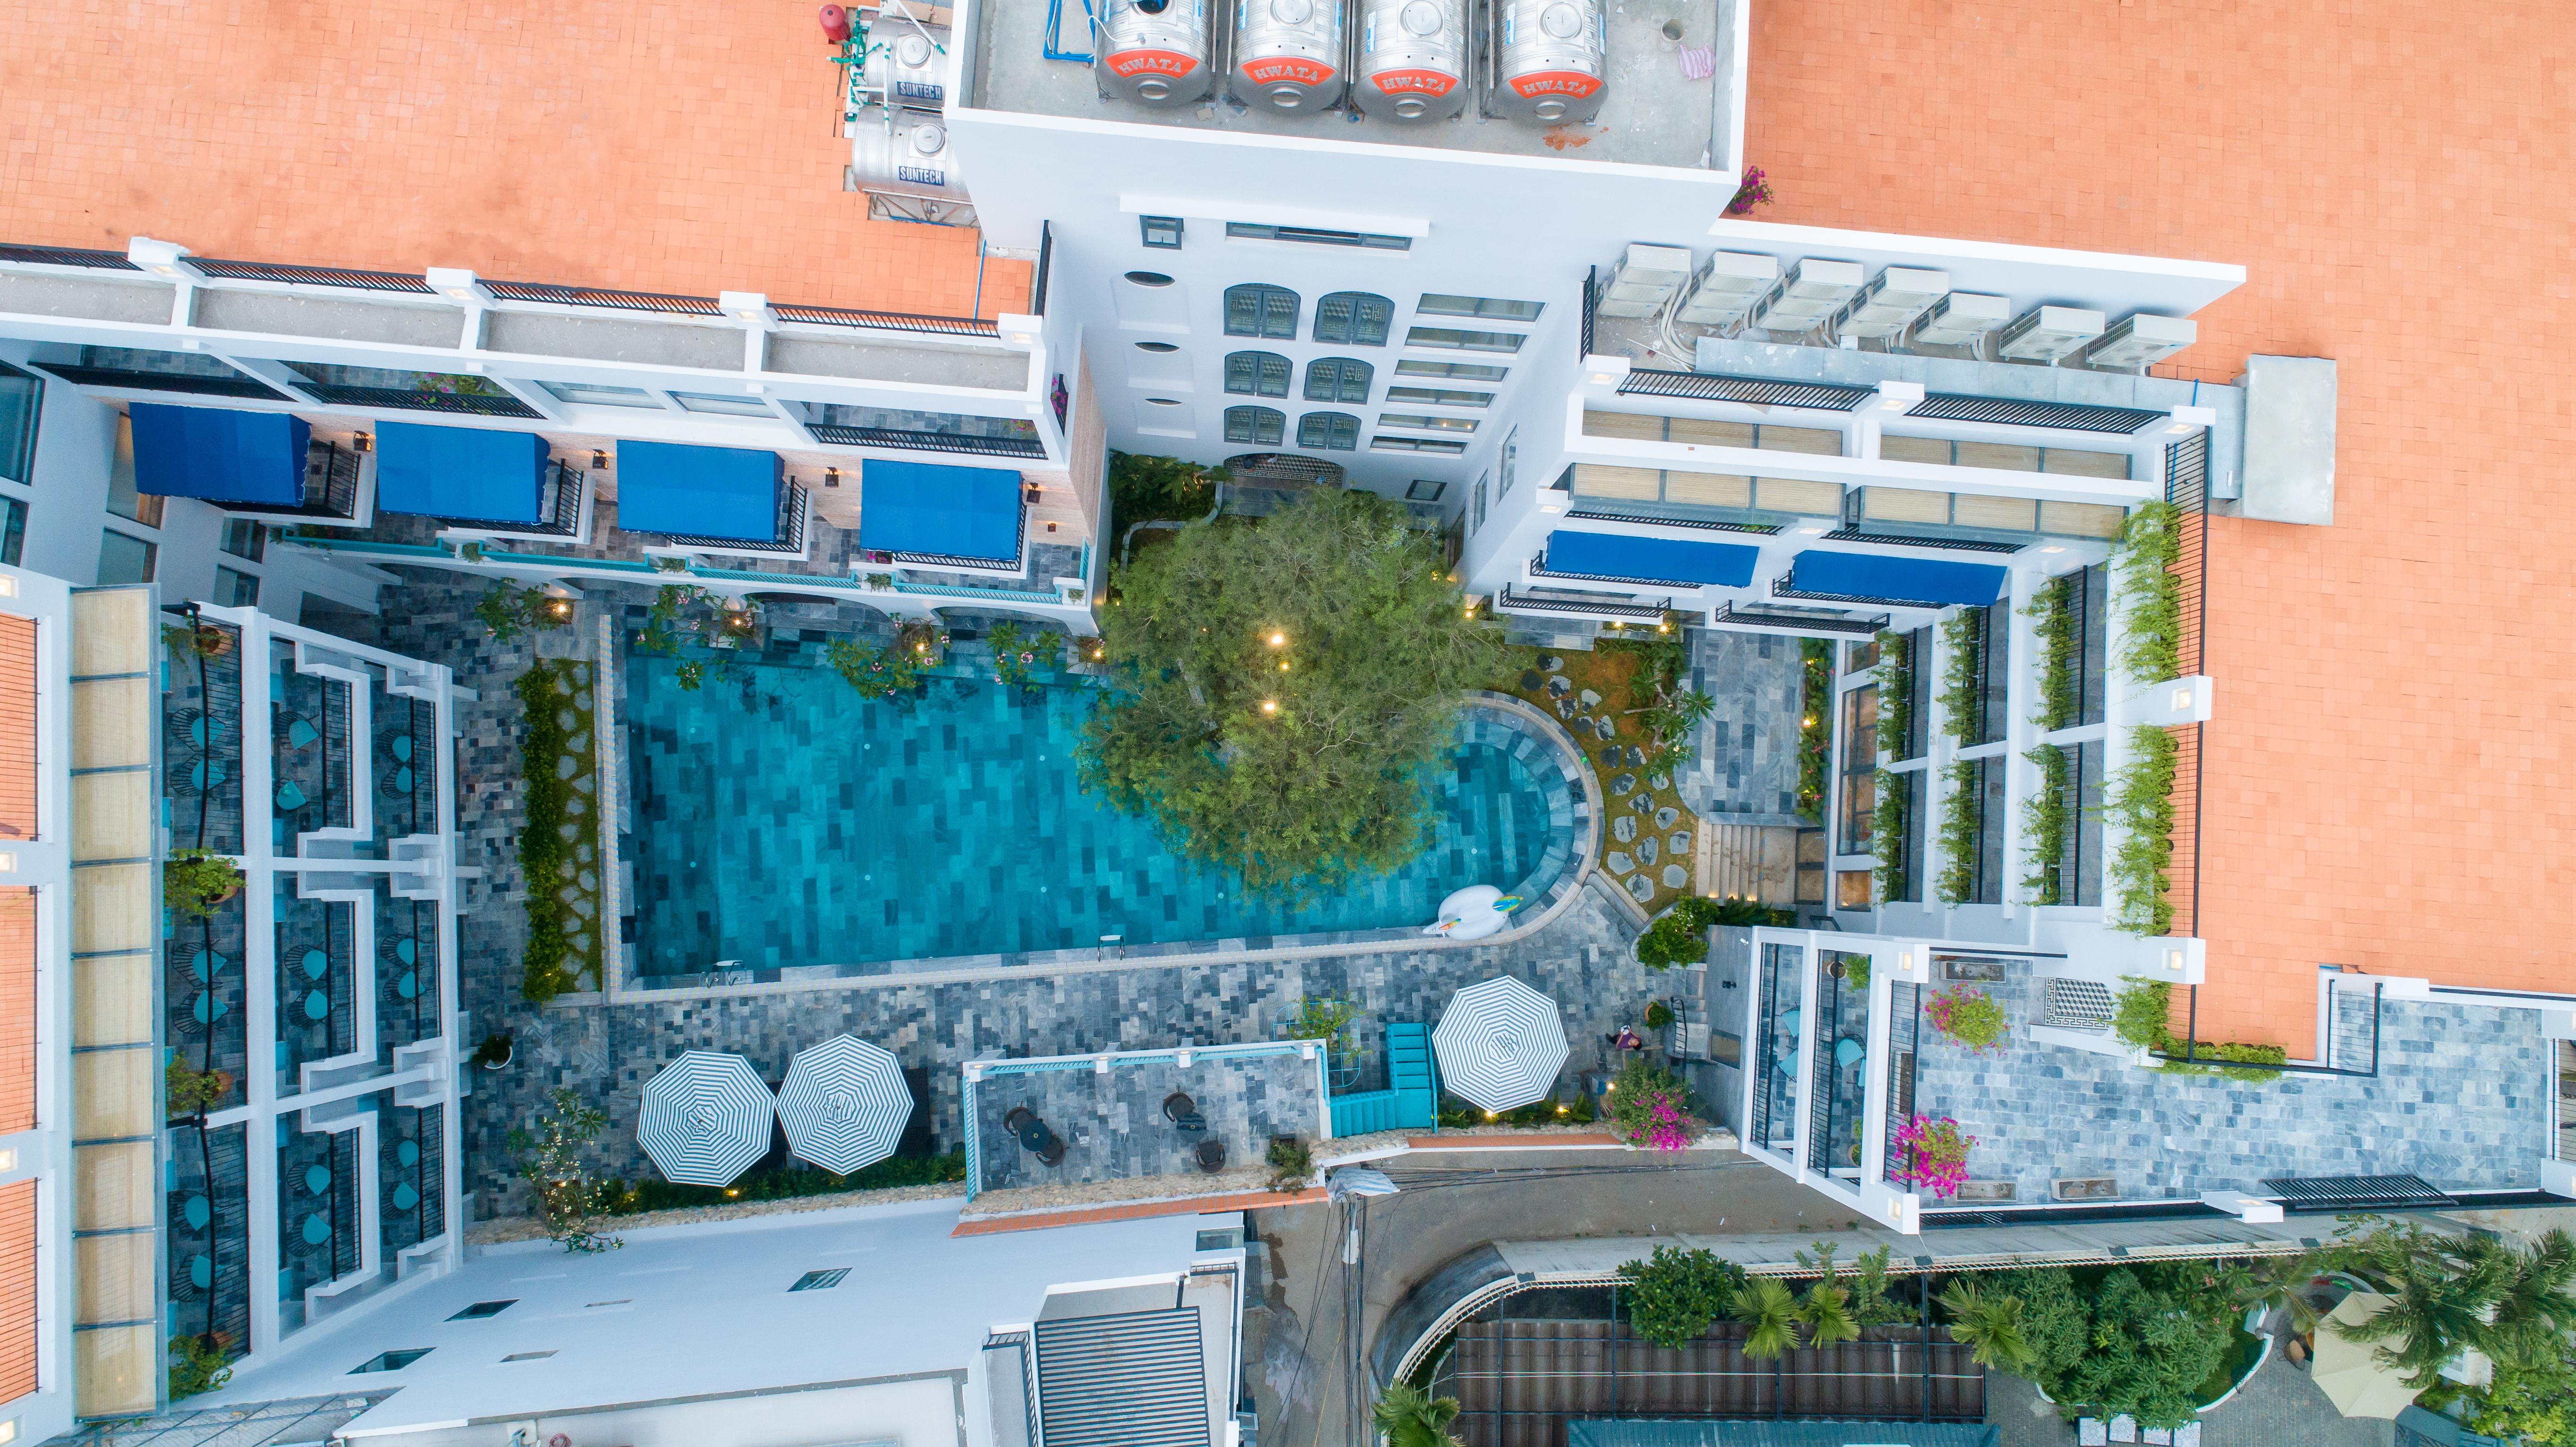 Chụp ảnh kiến trúc nội ngoại thất khách sạn hotel resort: Salmalia Boutique Hotel & Spa, Đà Nẵng